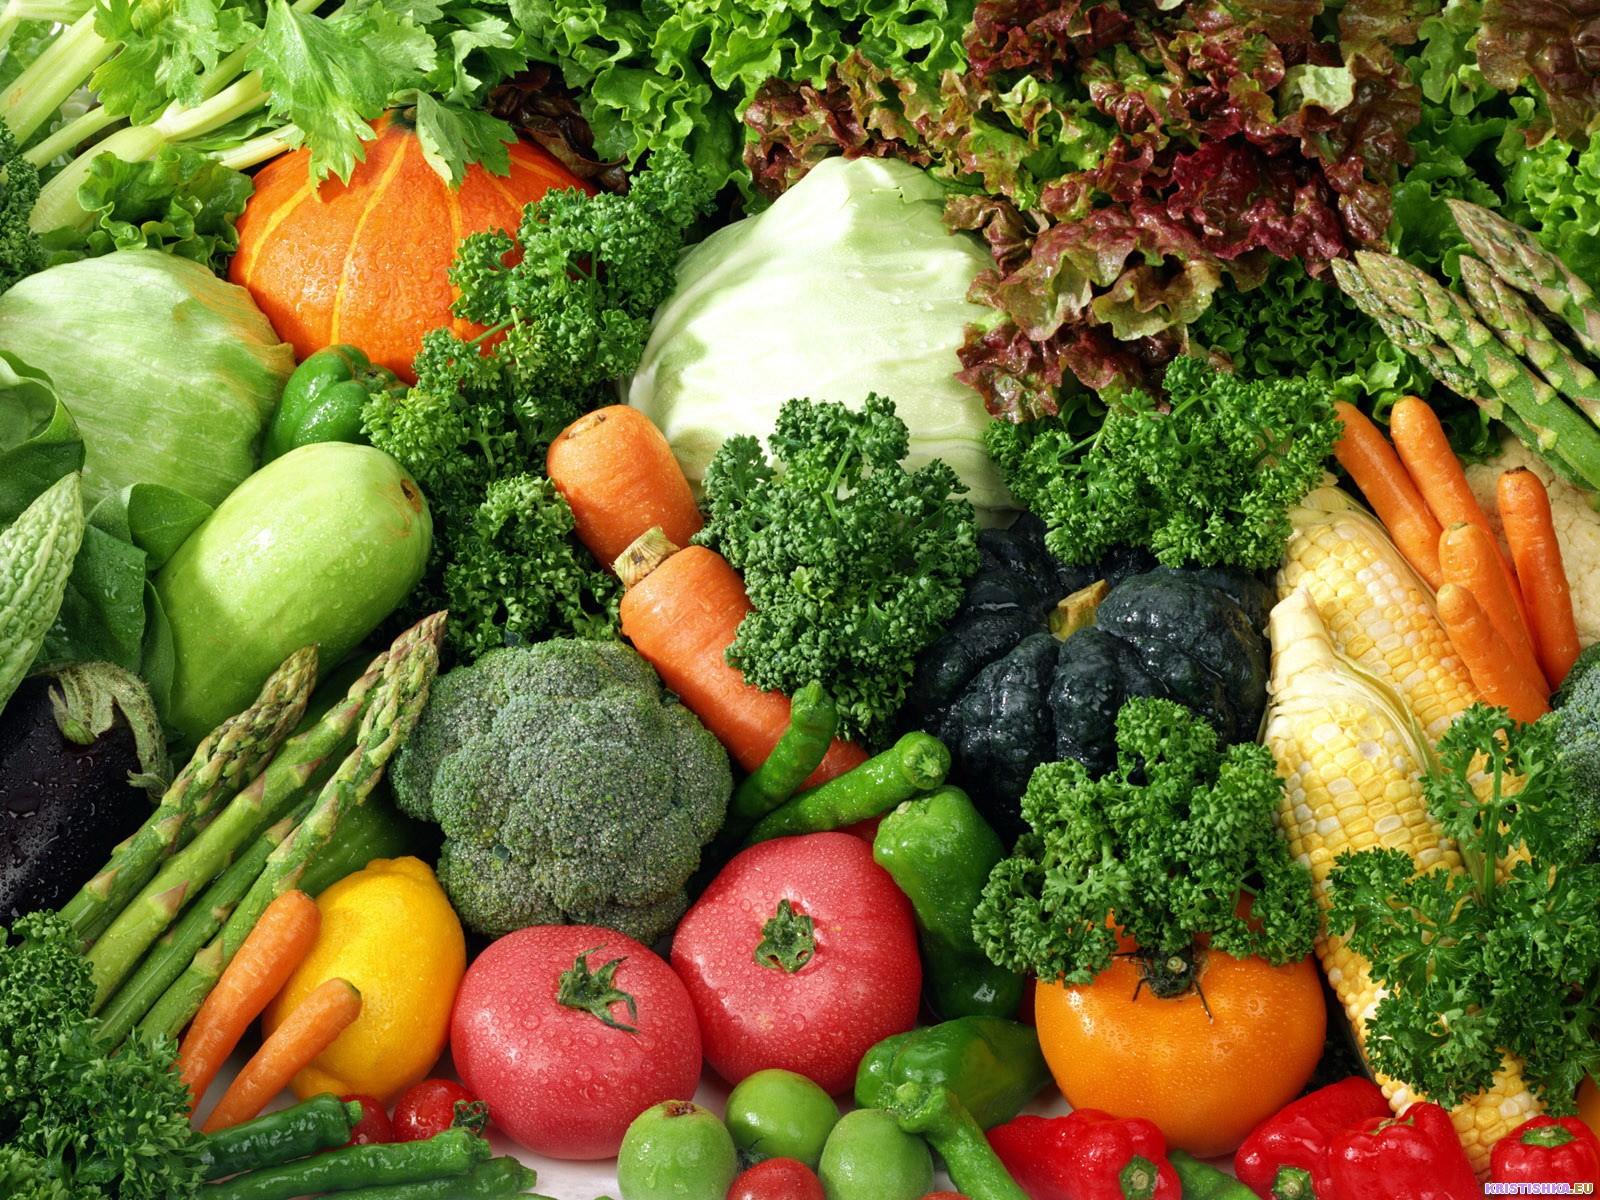 В Крыму уверены, что возможная «продовольственная блокада» приведет только к подорожанию овощей